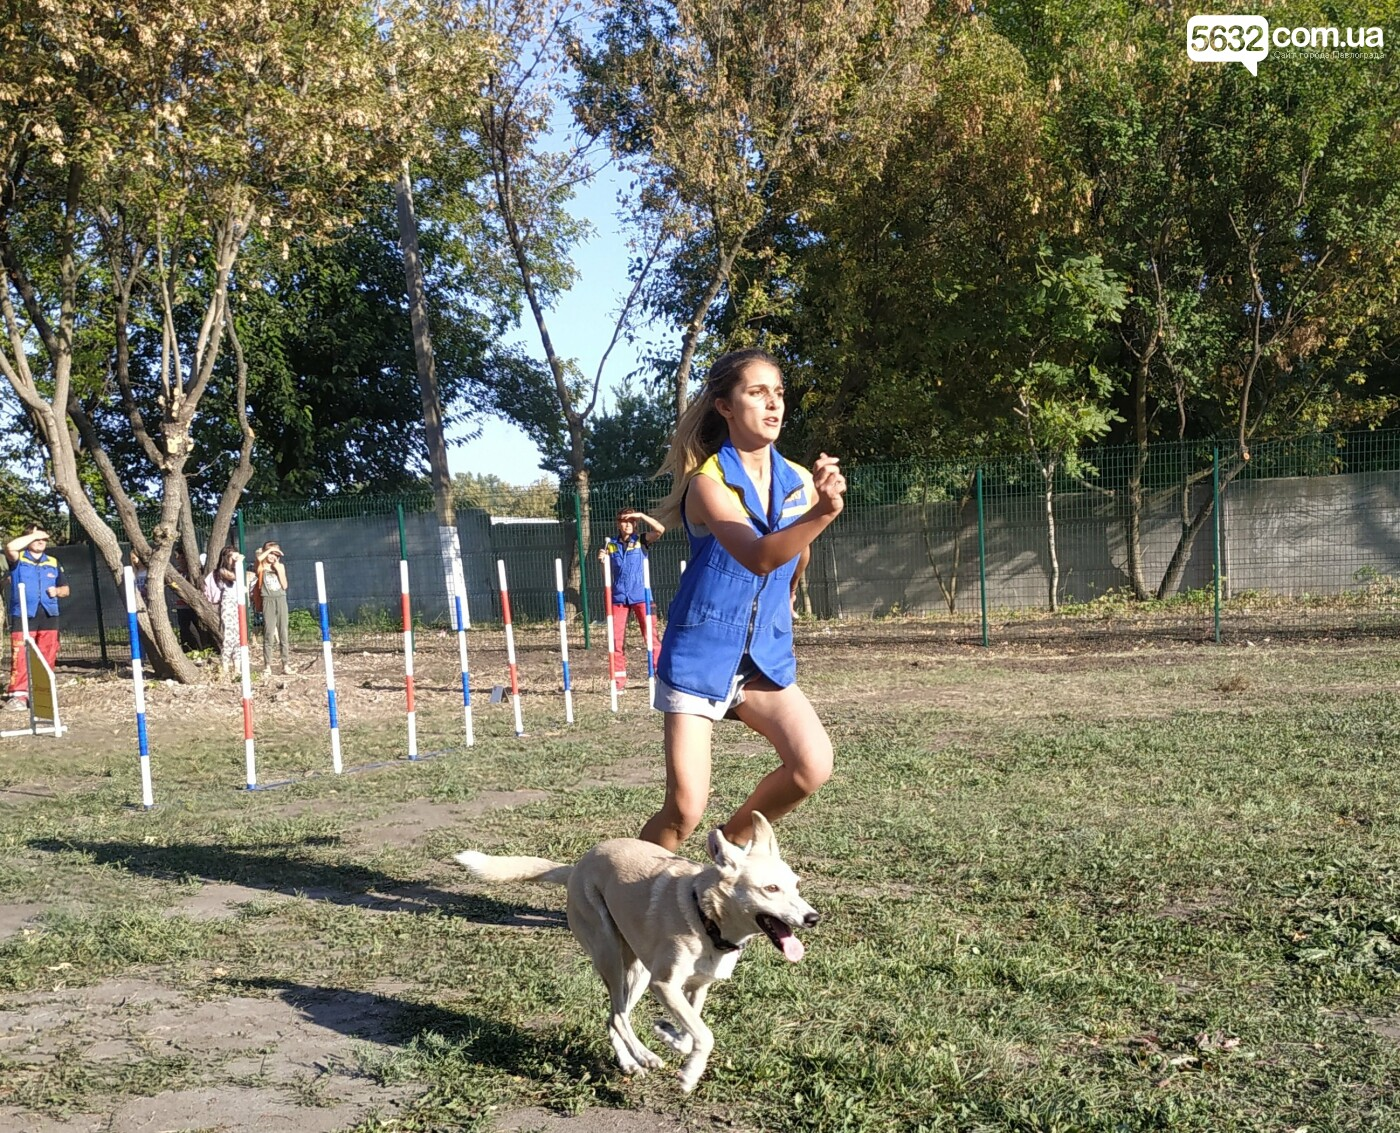 В Павлограде открылась площадка для спорта с собаками, фото-8